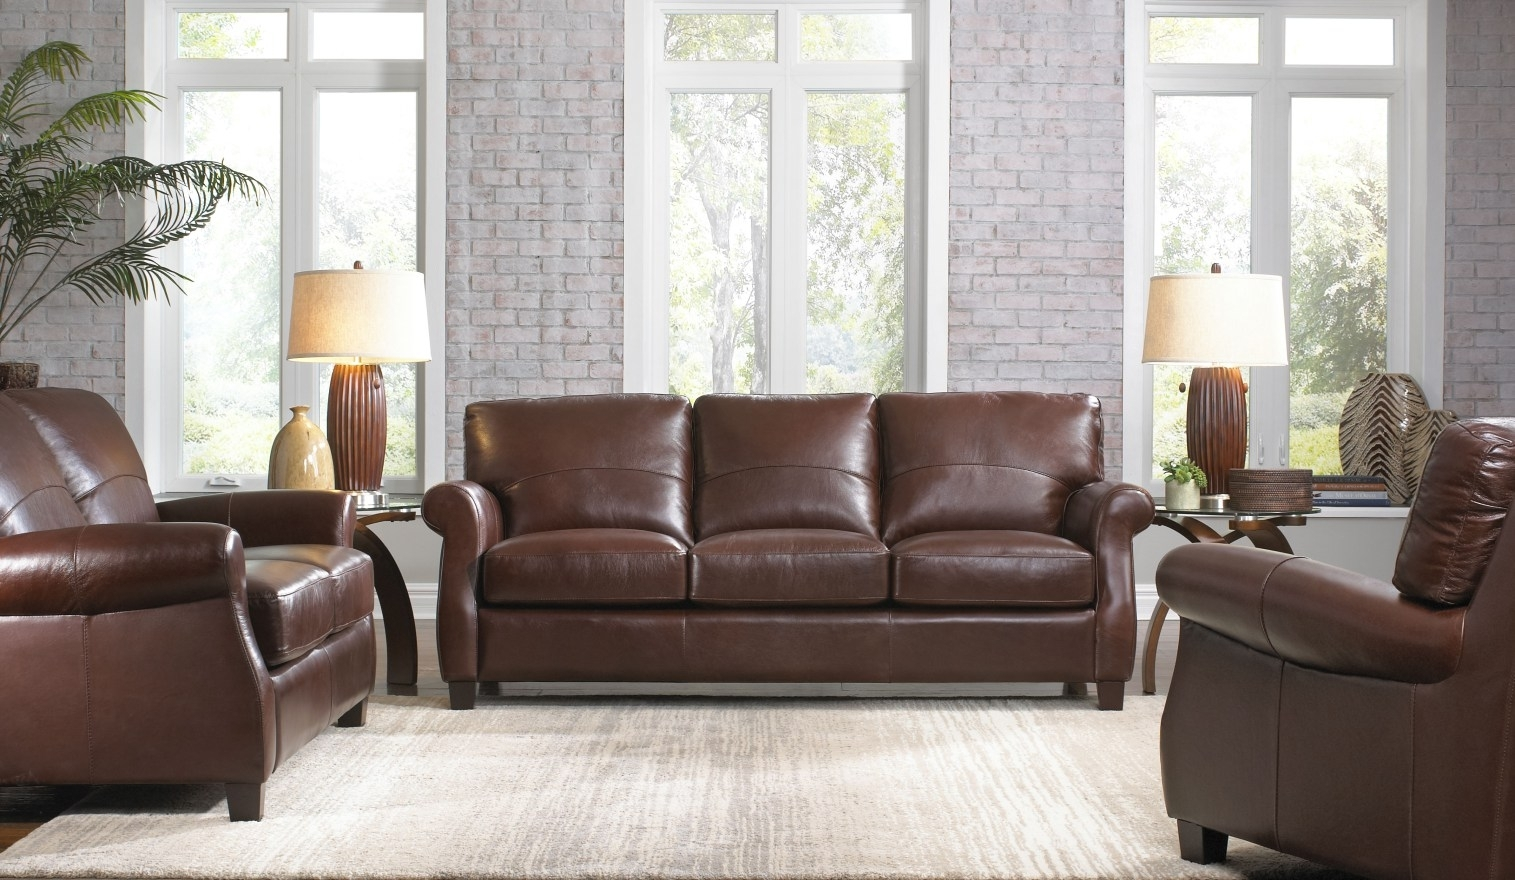 Upholstery : Upholstery Salt Lake City Inviting European Upholstery for Salt Lake City Sectional Sofas